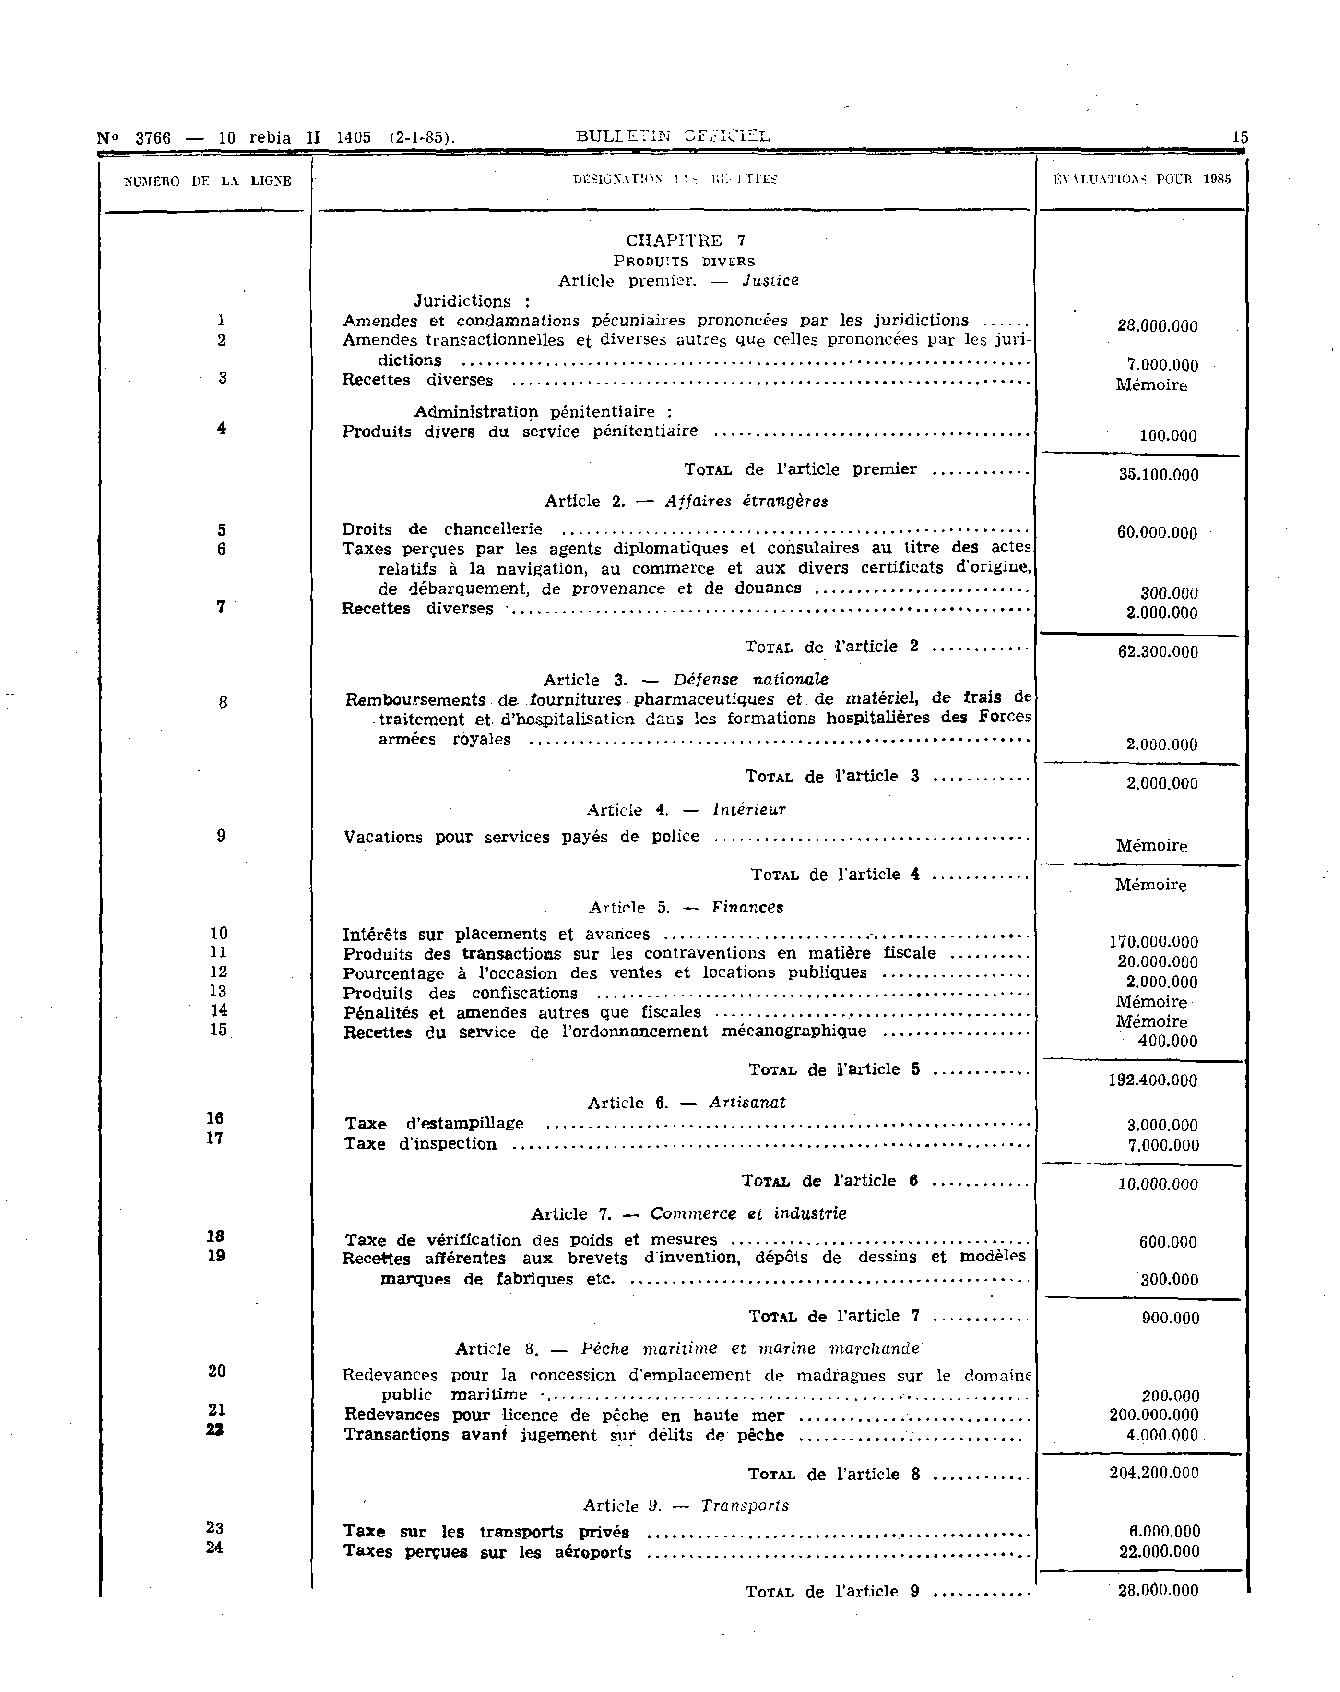 les-prix-maxima-des-acte-et-service-medicaux-dans-le-secteur-prive-015